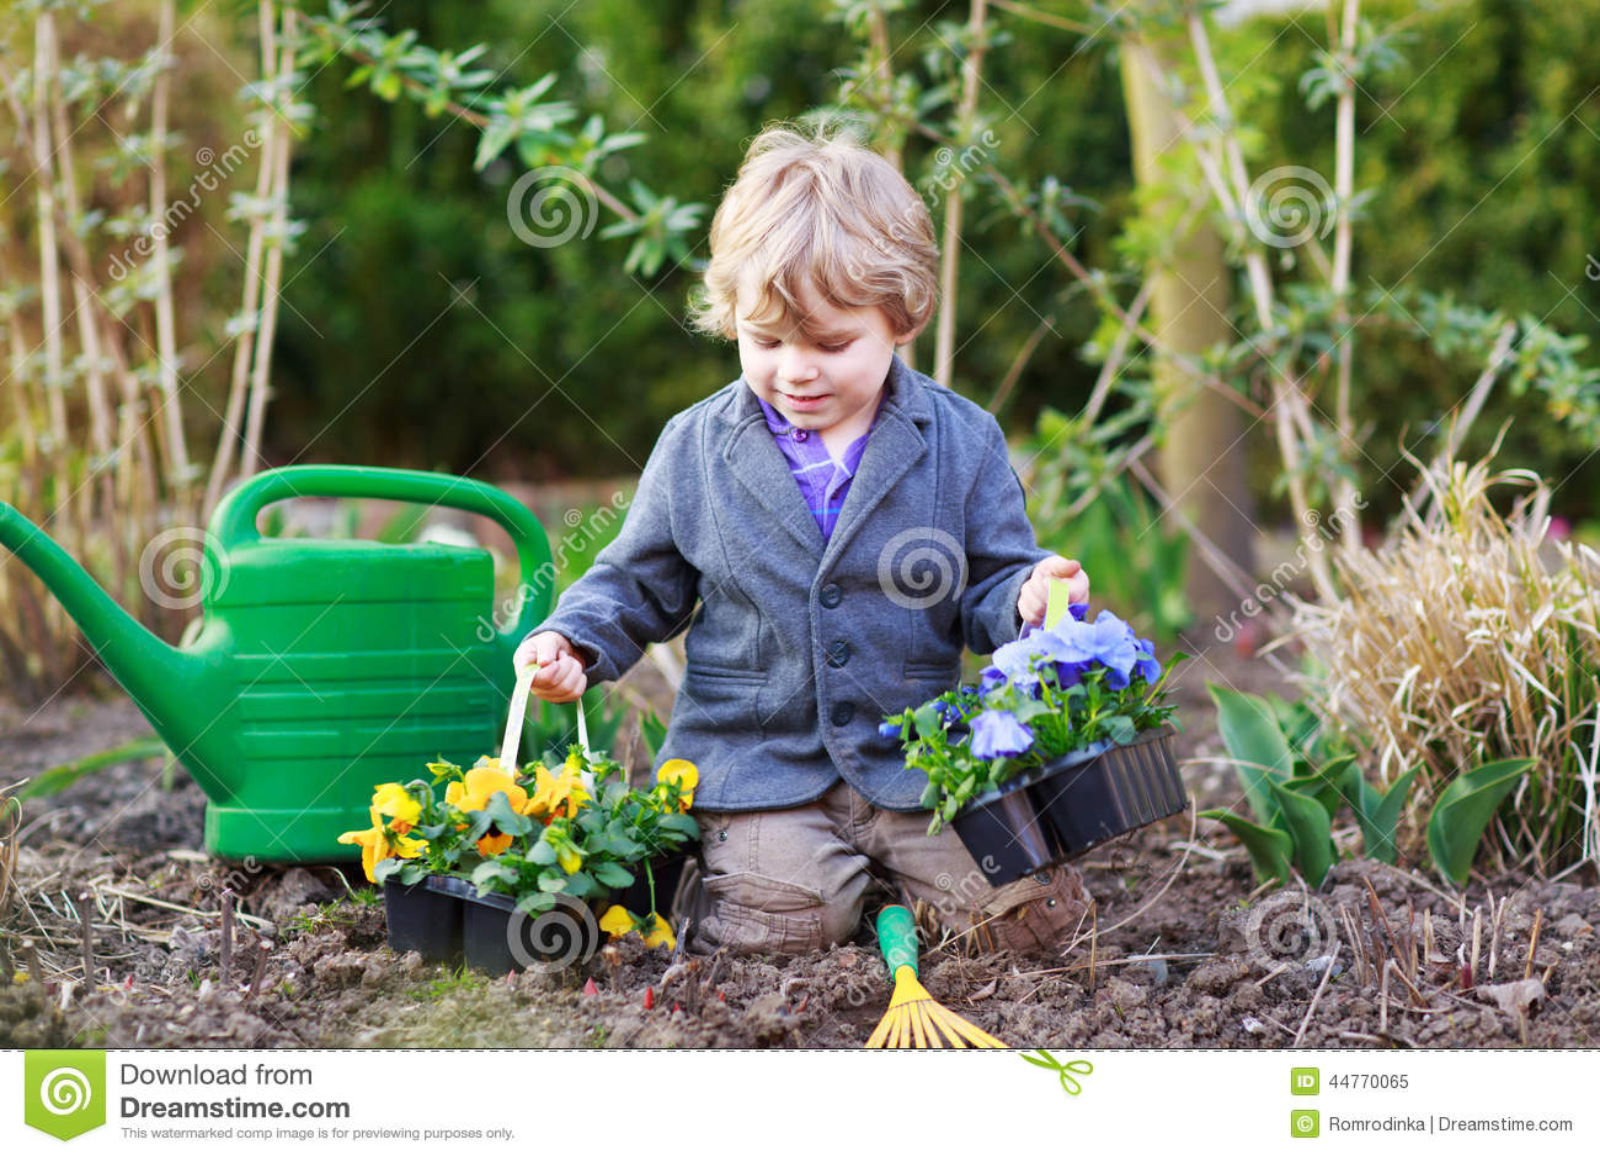 Ni o peque o que cultiva un huerto y que planta las flores - Foto nino pequeno ...